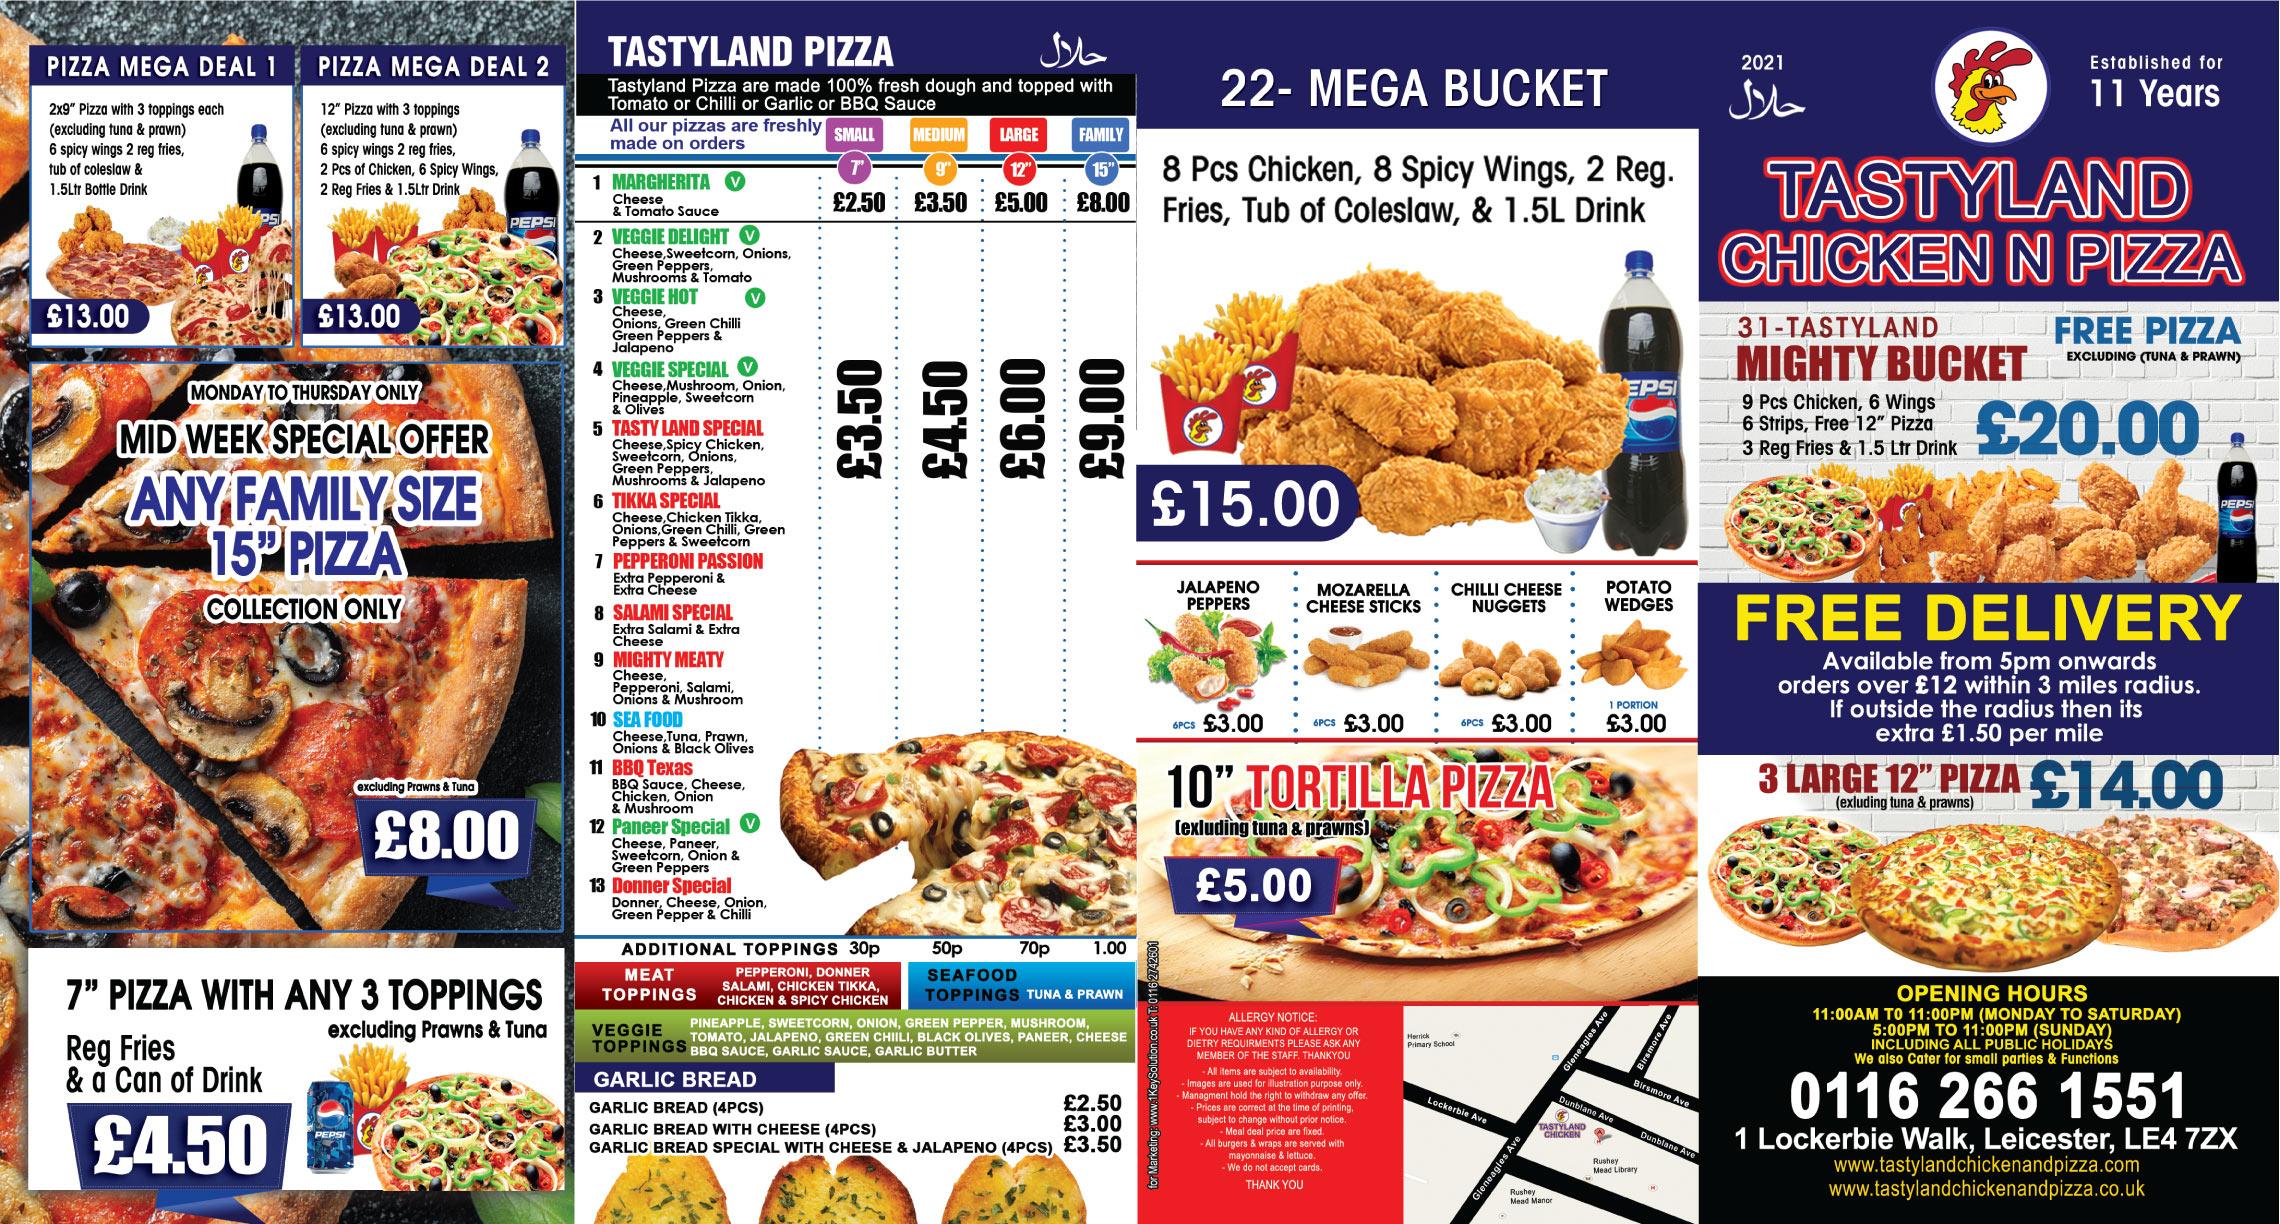 Tastyland-Chicken-Menu-July-2021-2